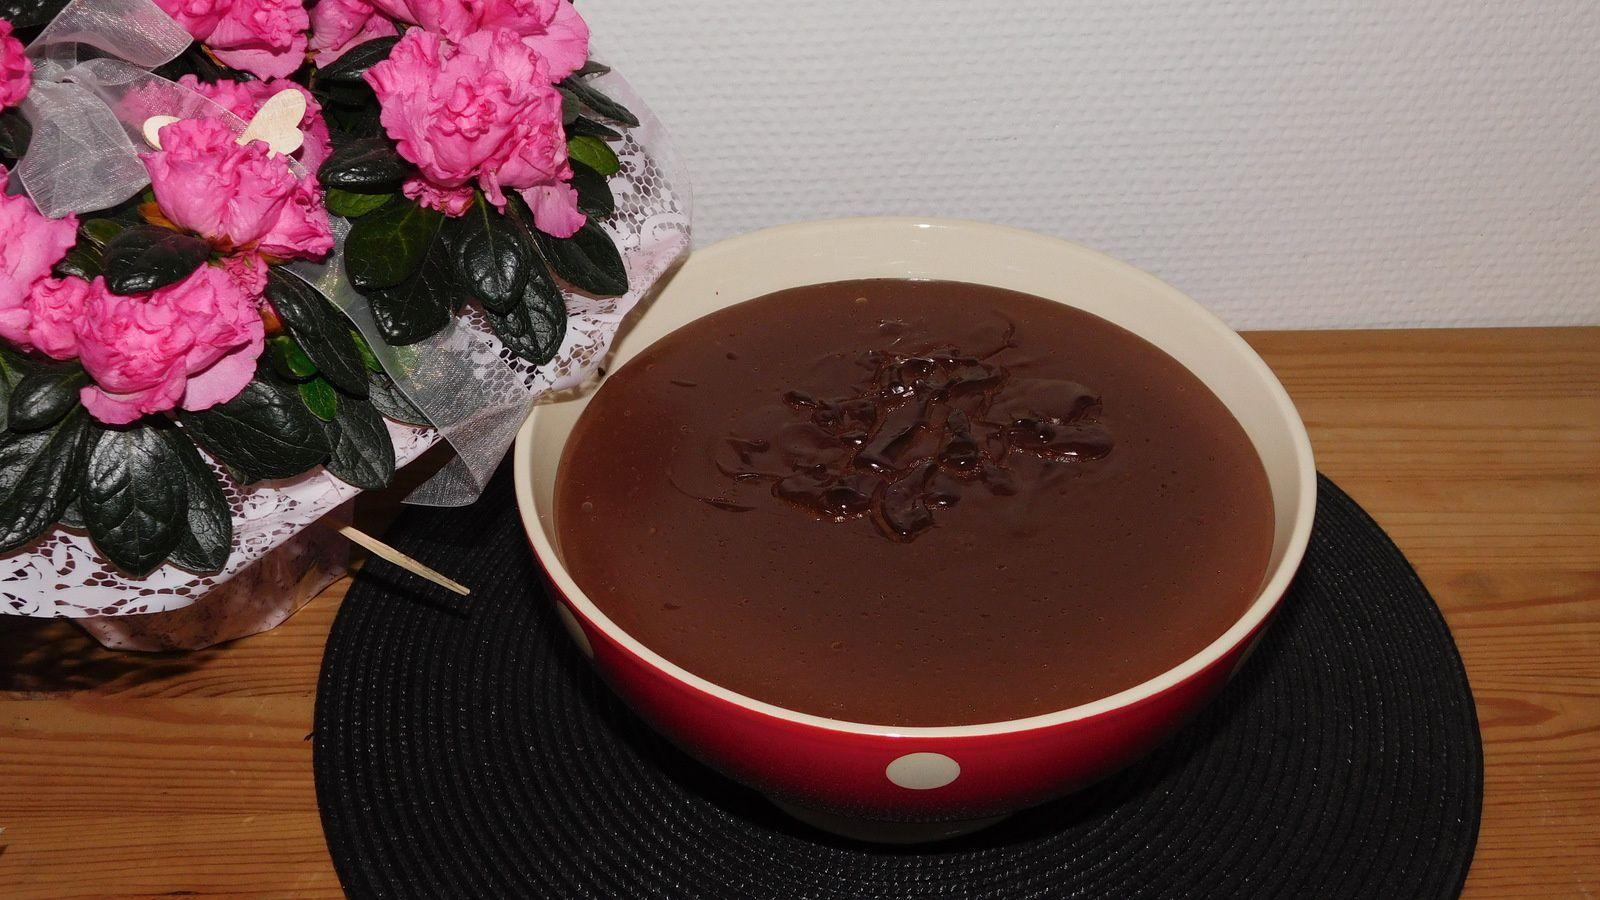 Crème au chocolat.